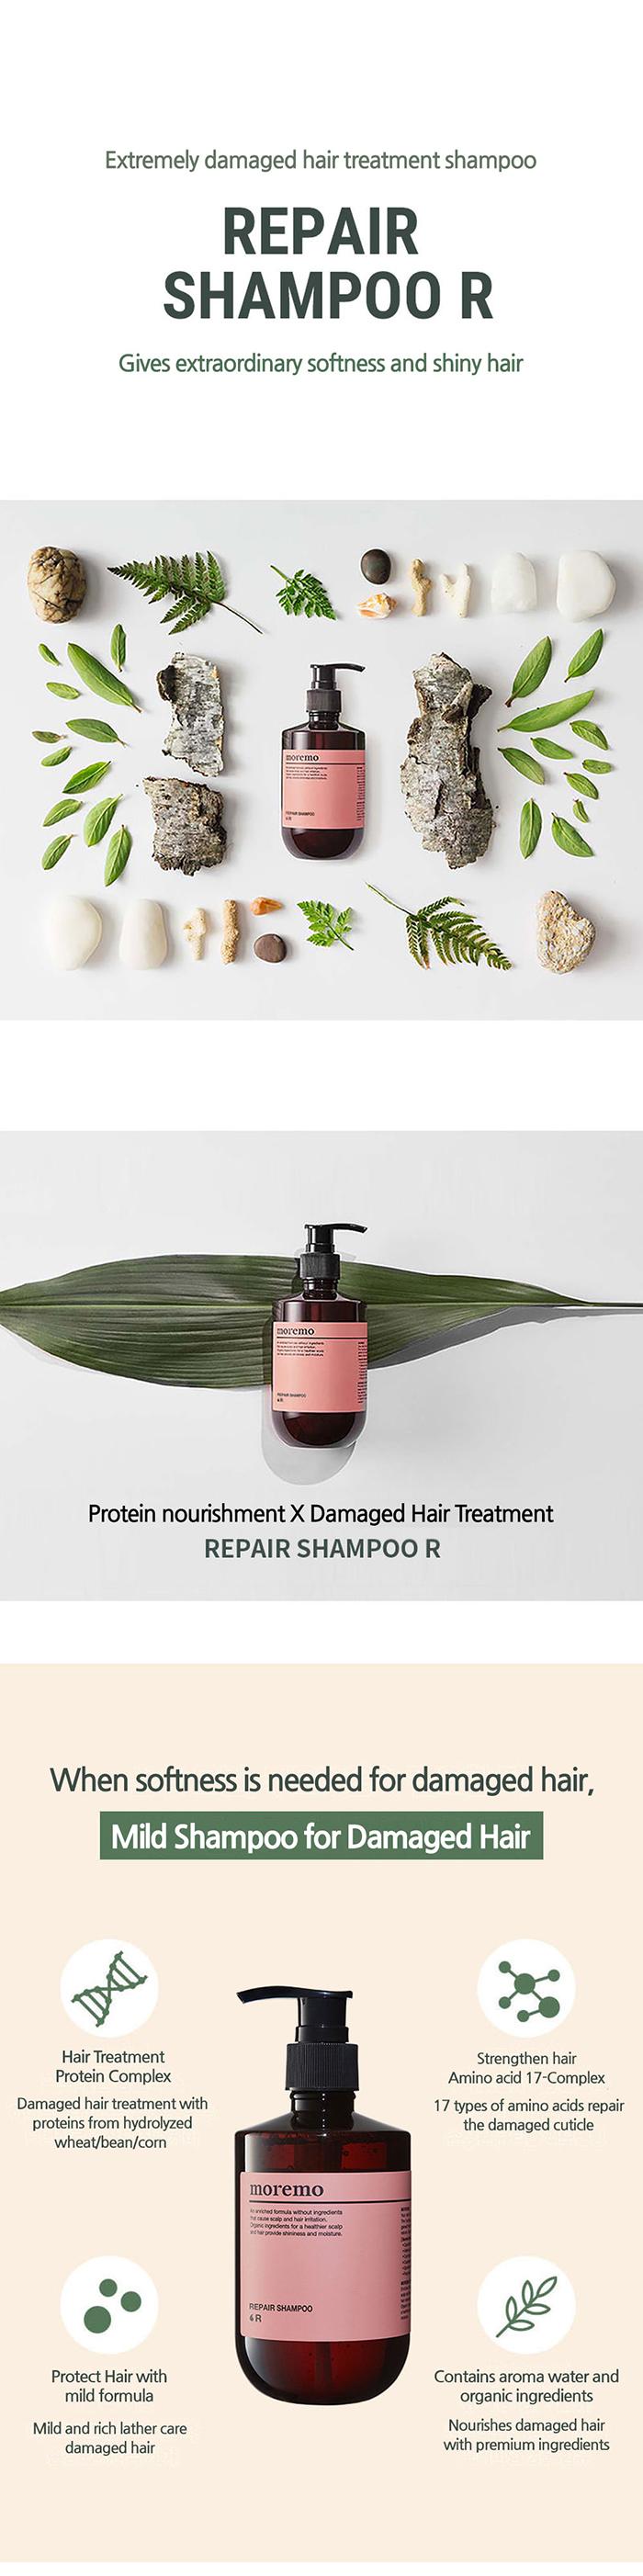 Repair_Shampoo_R_1.jpg